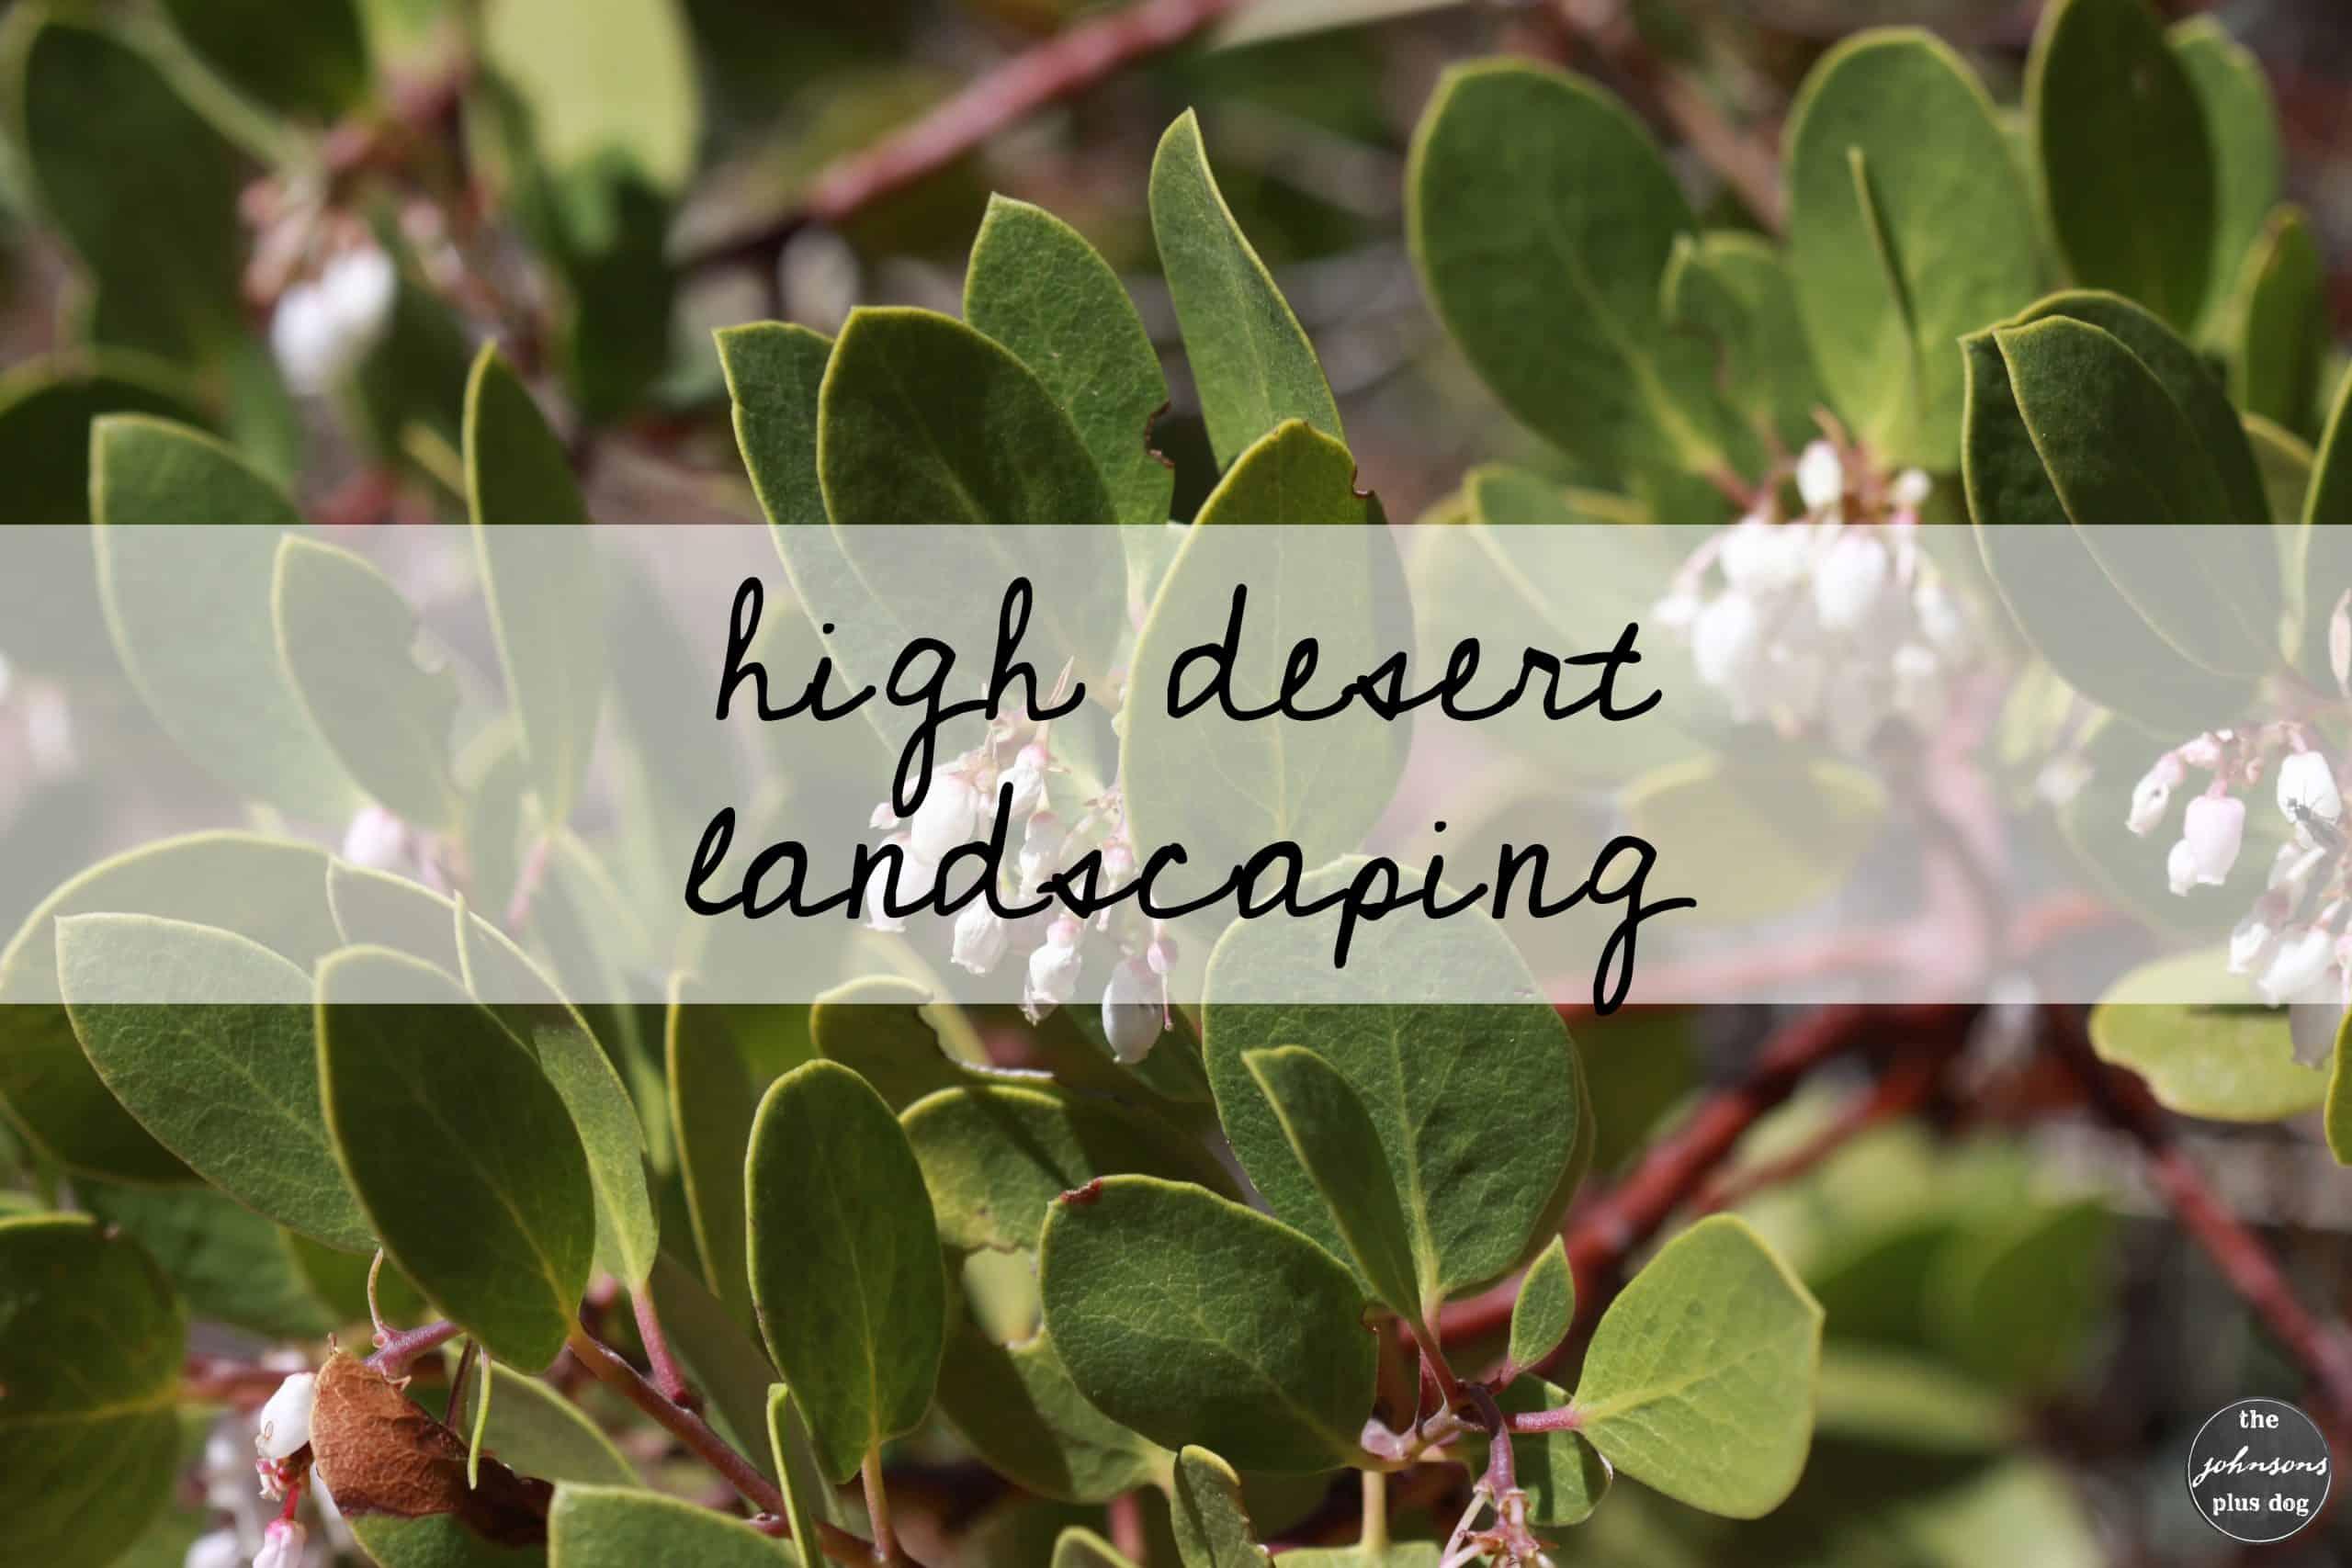 High Desert Landscaping | the johnsons plus dog